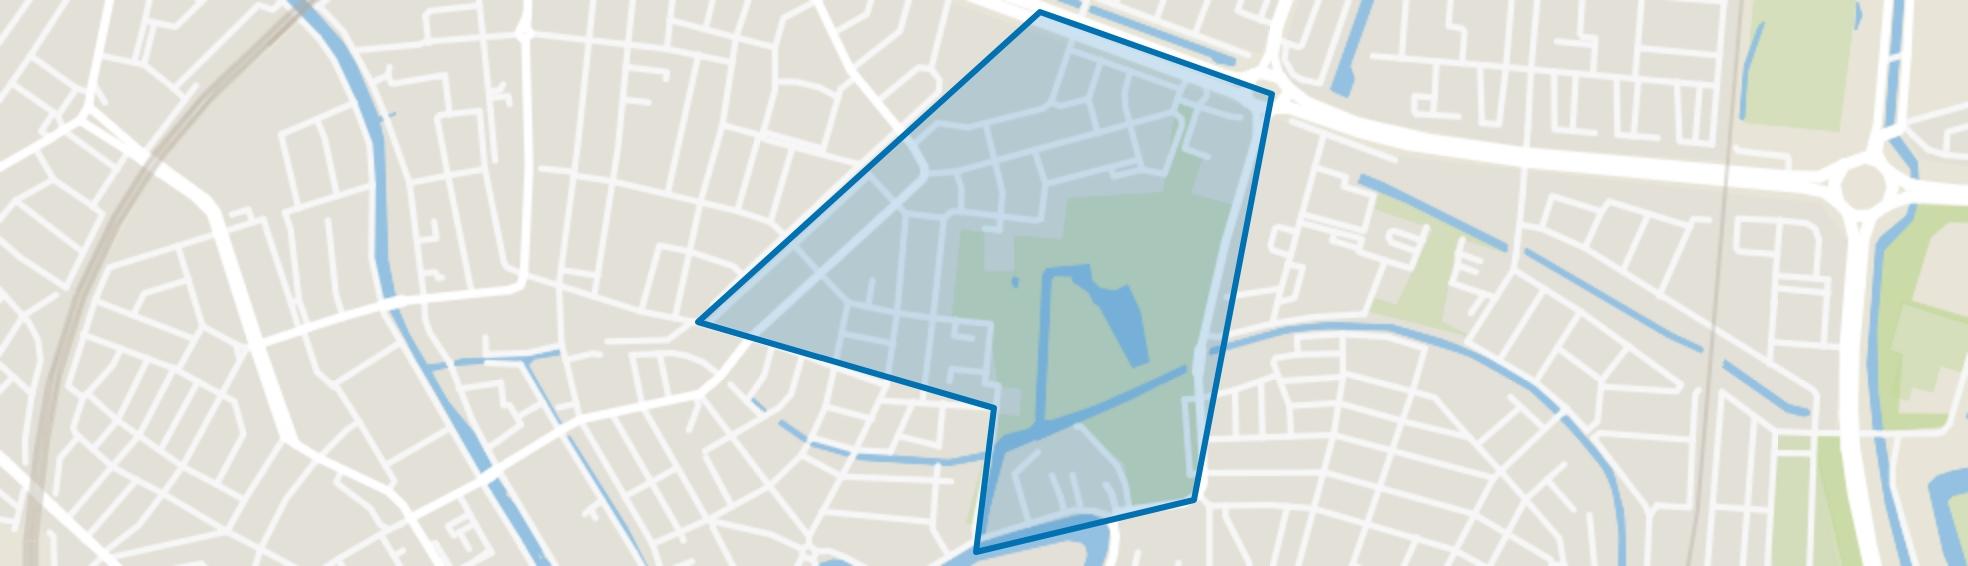 Tuinwijk-Oost, Utrecht map